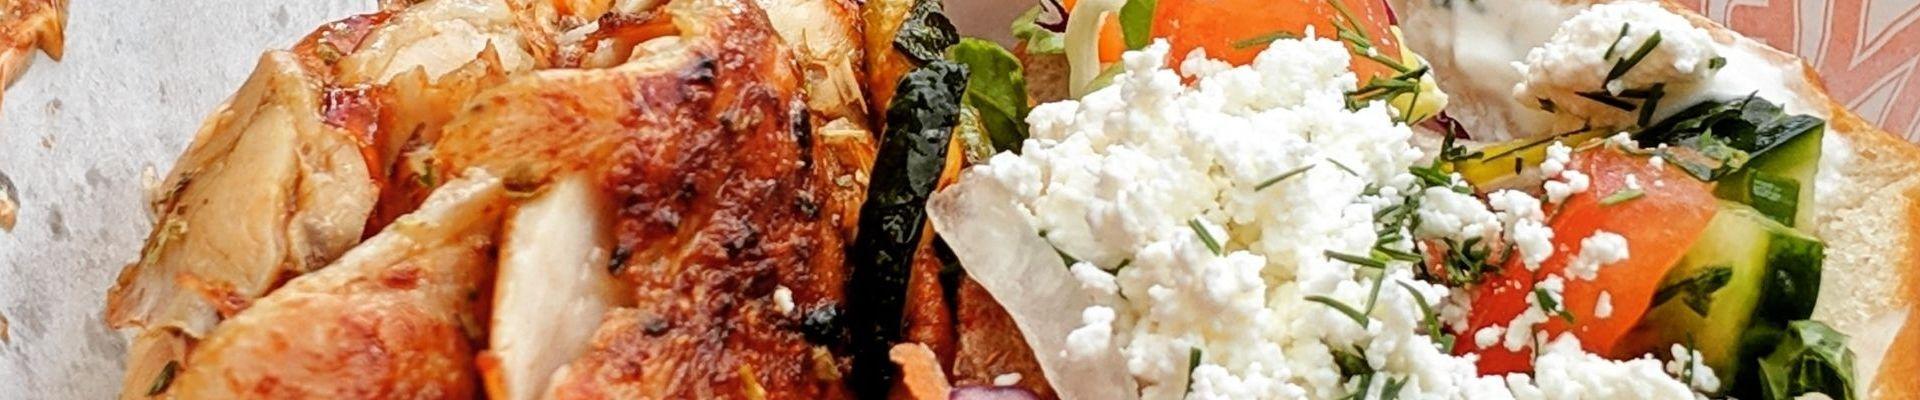 Descoperă cele mai bune restaurante cu livrare shaorma în Timișoara